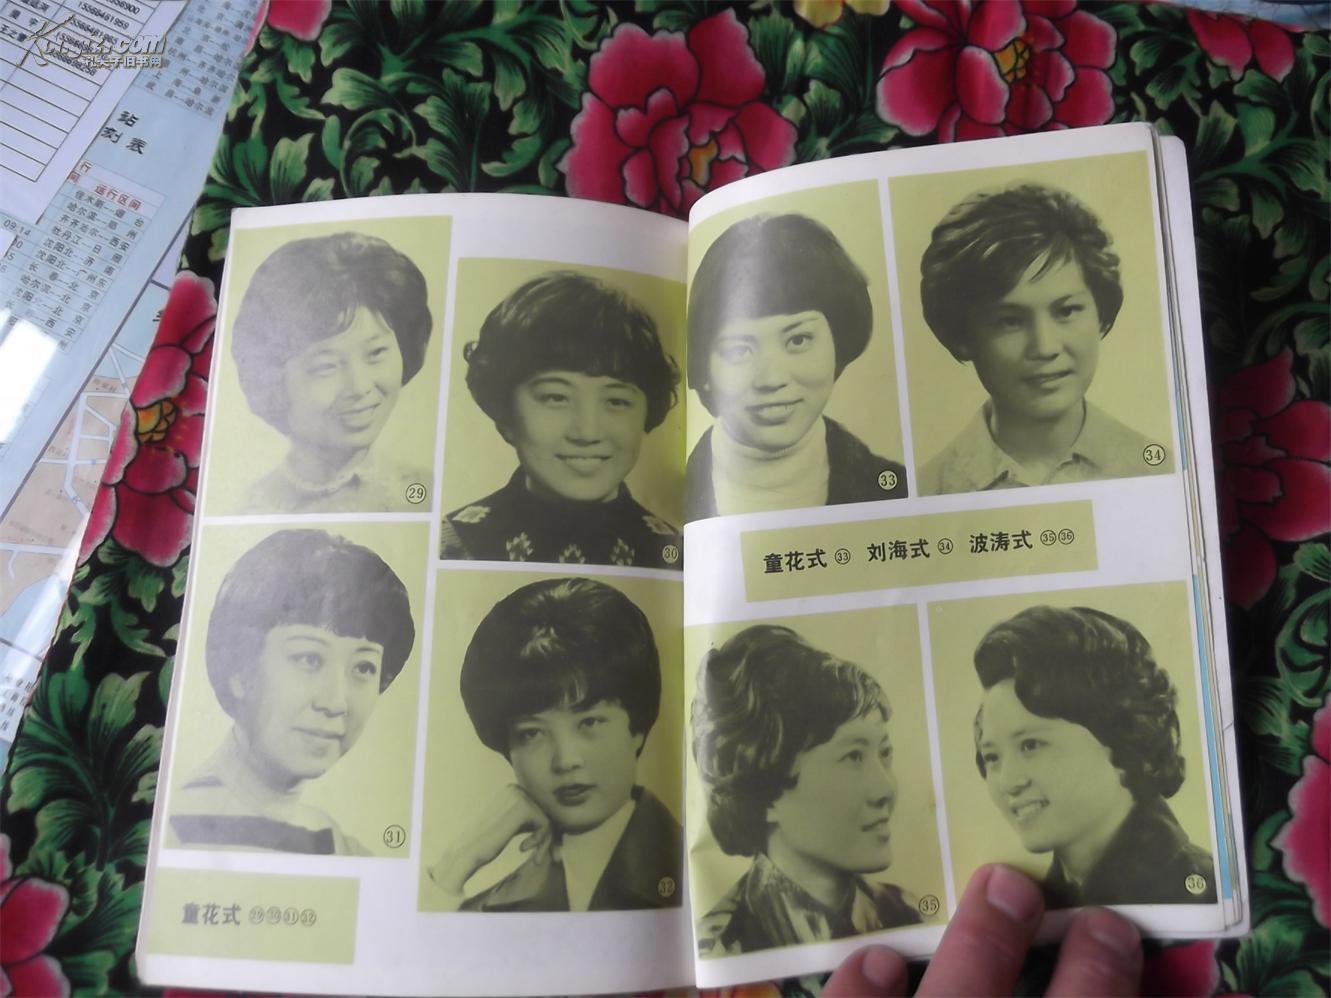 理发与发型 看看80年代的发型,值得怀念哦图片